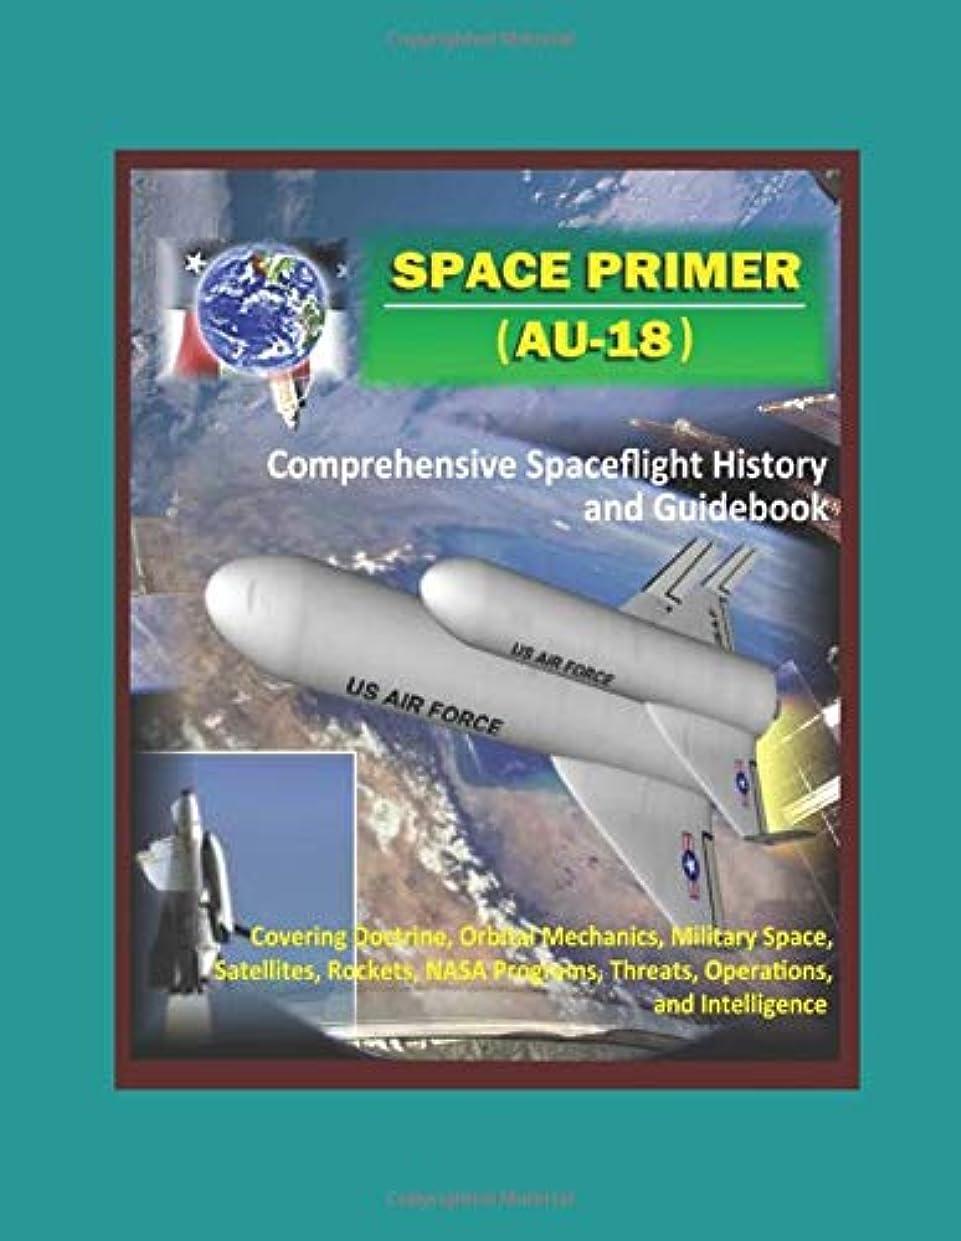 殺す色合い再集計Space Primer (AU-18): Comprehensive Spaceflight History and Guidebook - Covering Doctrine, Orbital Mechanics, Military Space, Satellites, Rockets, NASA Programs, Threats, Operations, and Intelligence